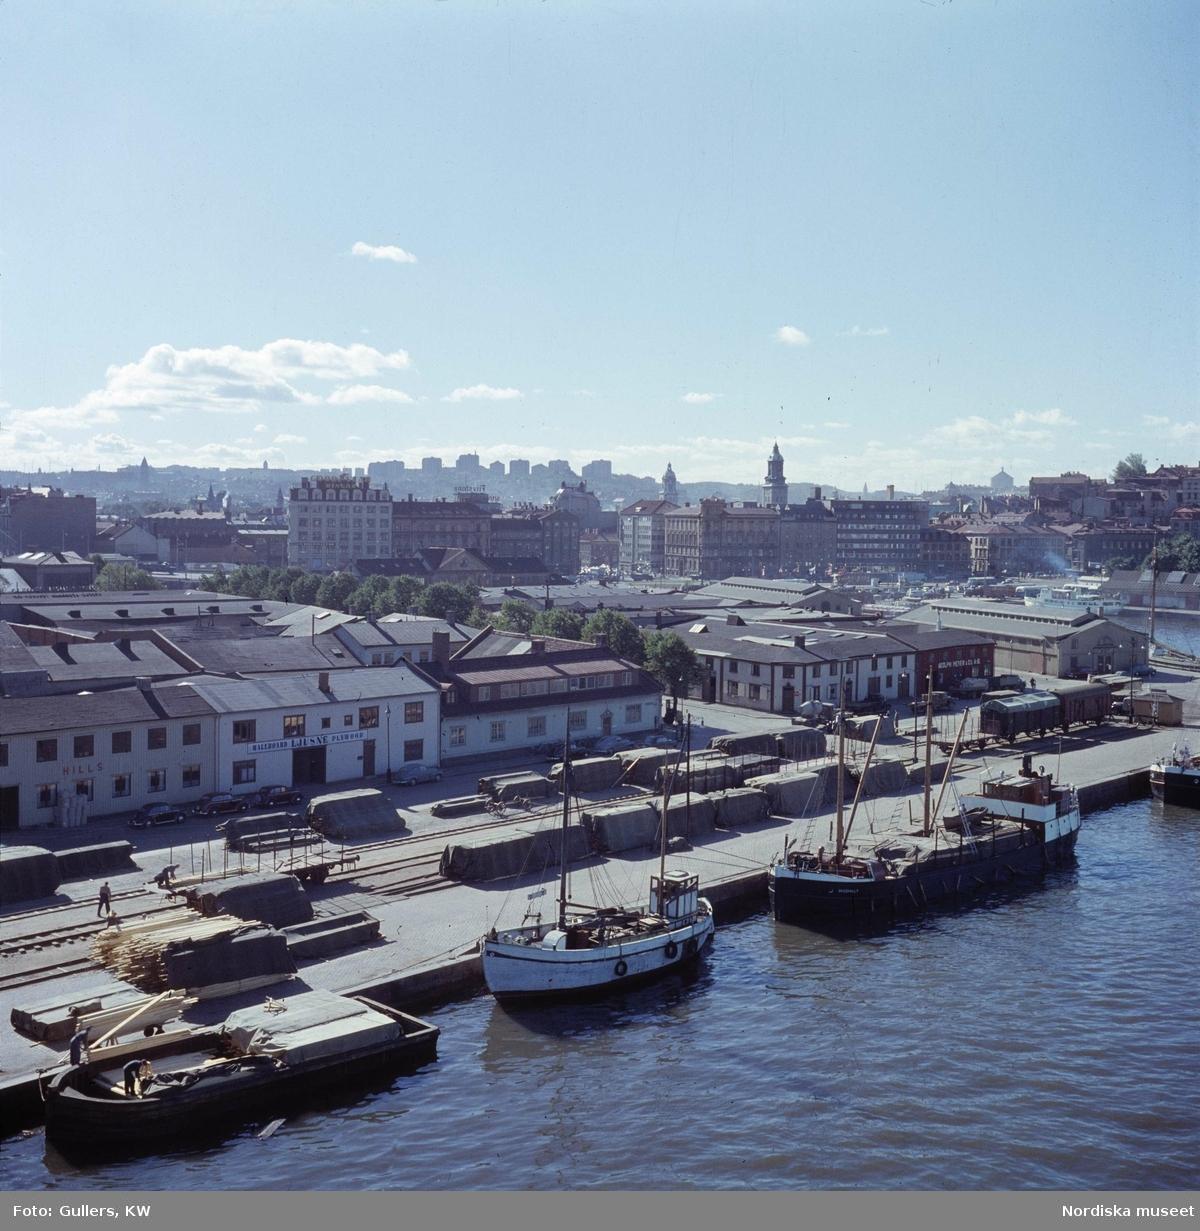 Göteborg. Första bommen (hamn) med staden i bakgrunden. Hultmans holme.